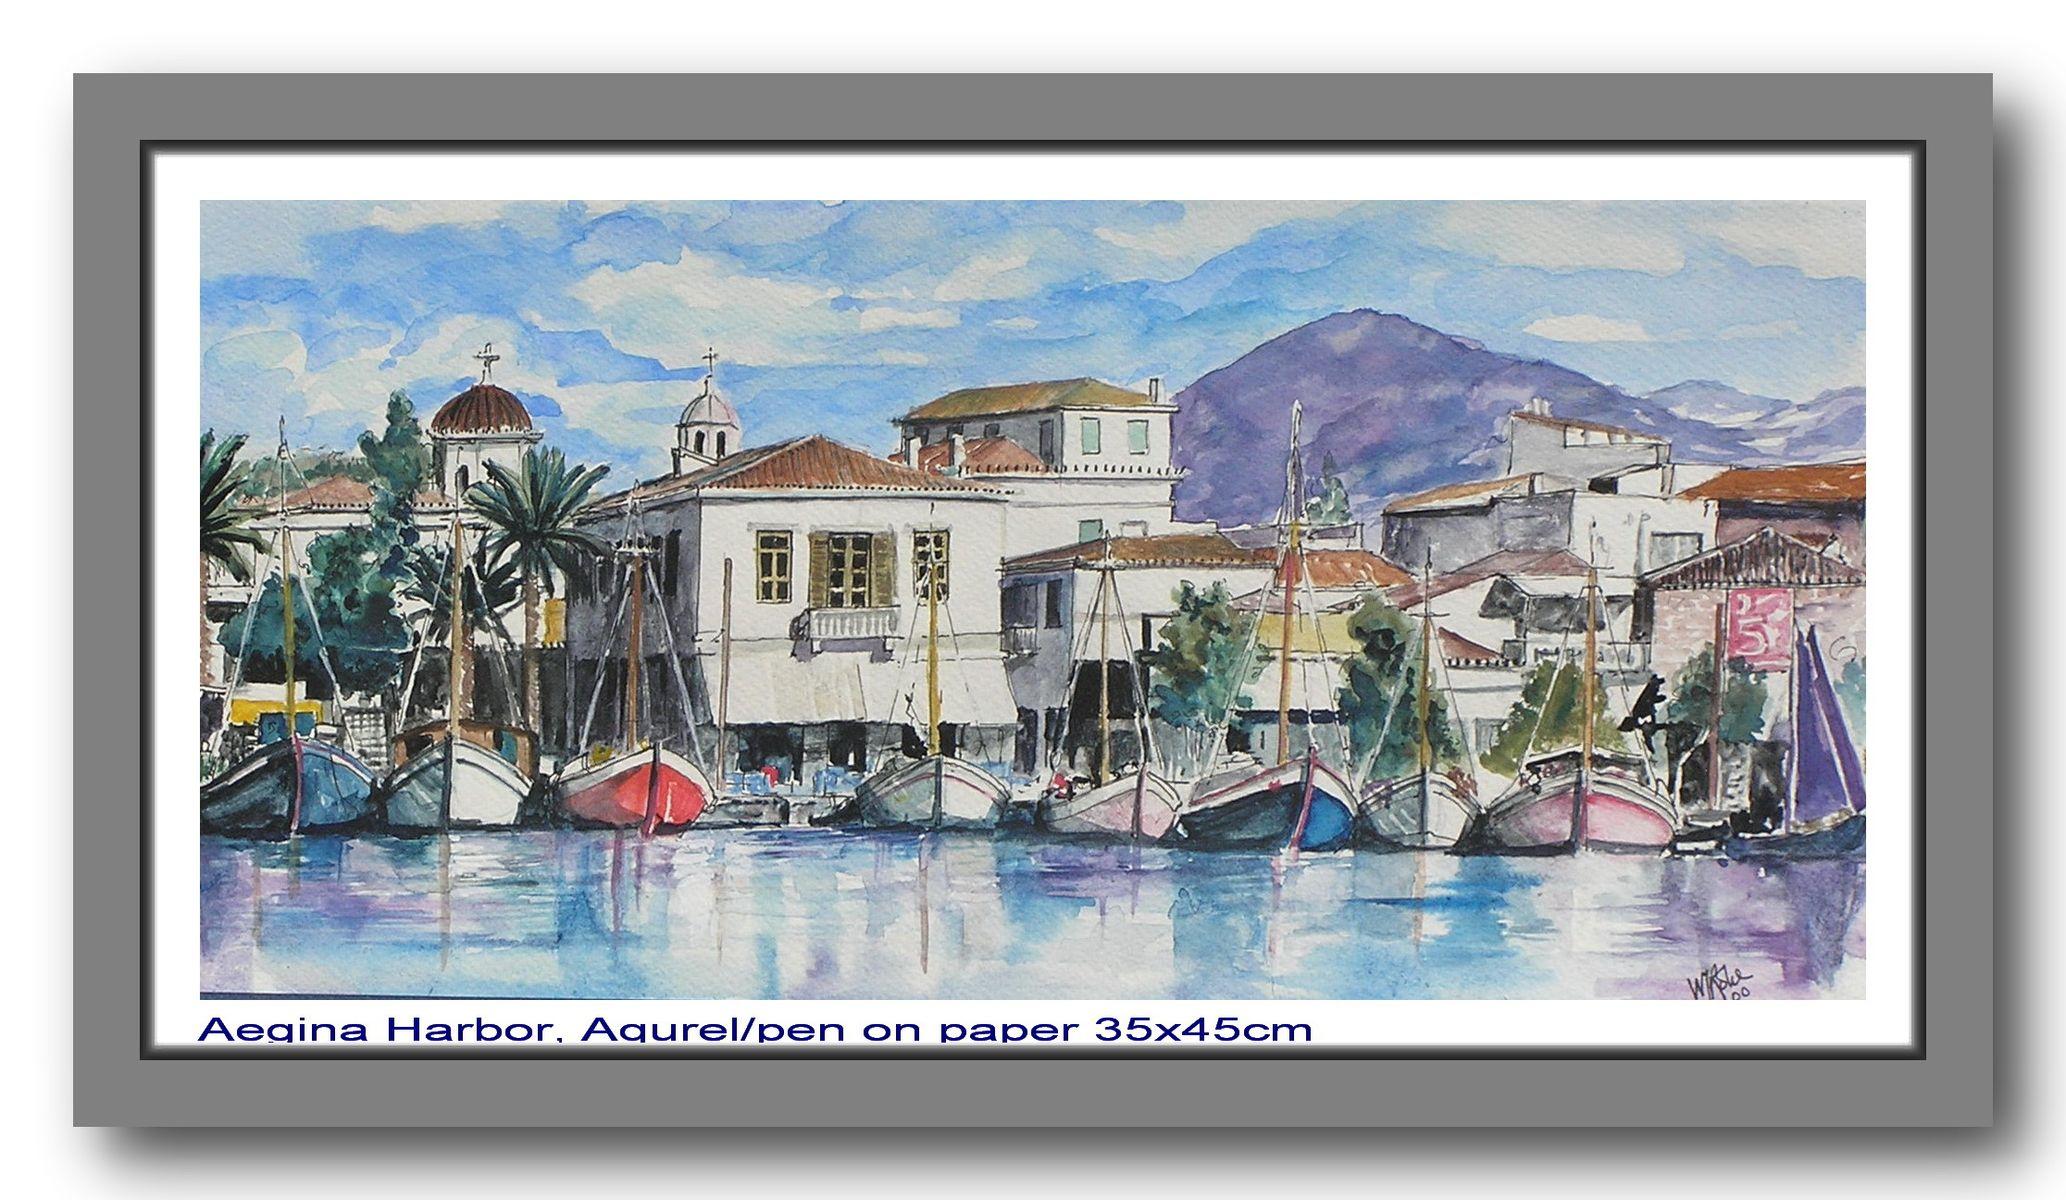 Aegina Harbor